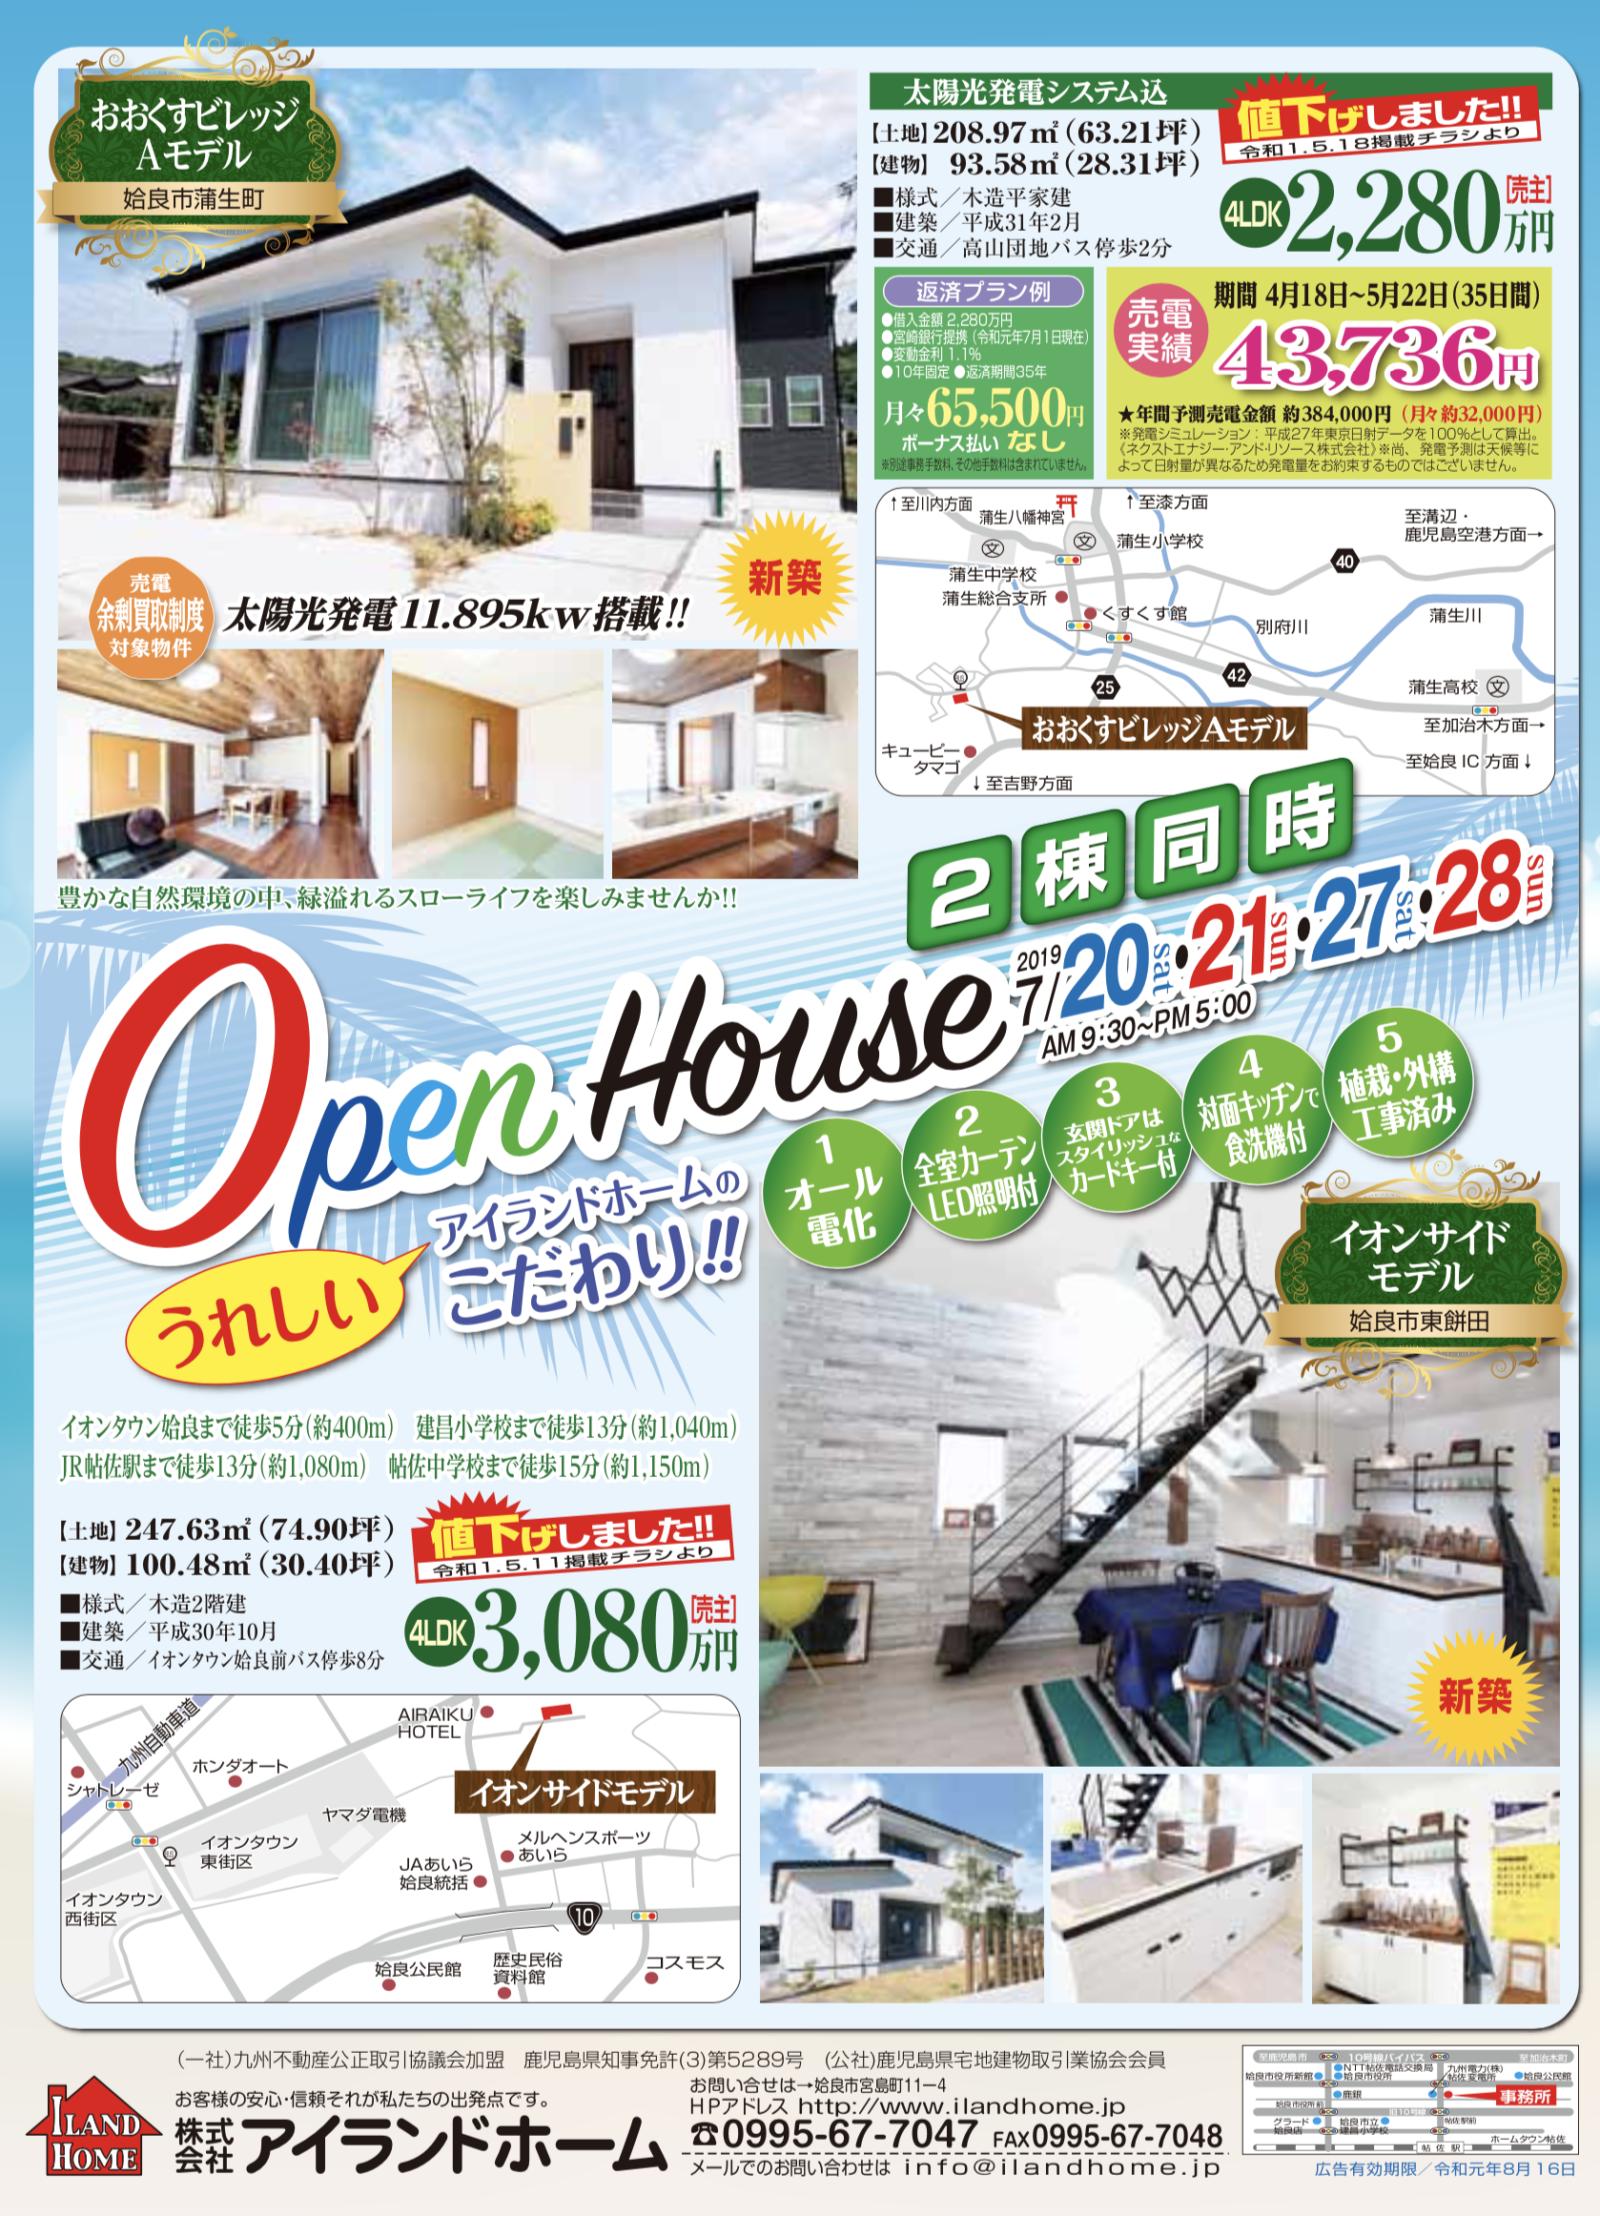 アイランドホーム | 『おおくすビレッジ、イオンサイド両モデル 2棟同時オープンハウス』 【姶良市】